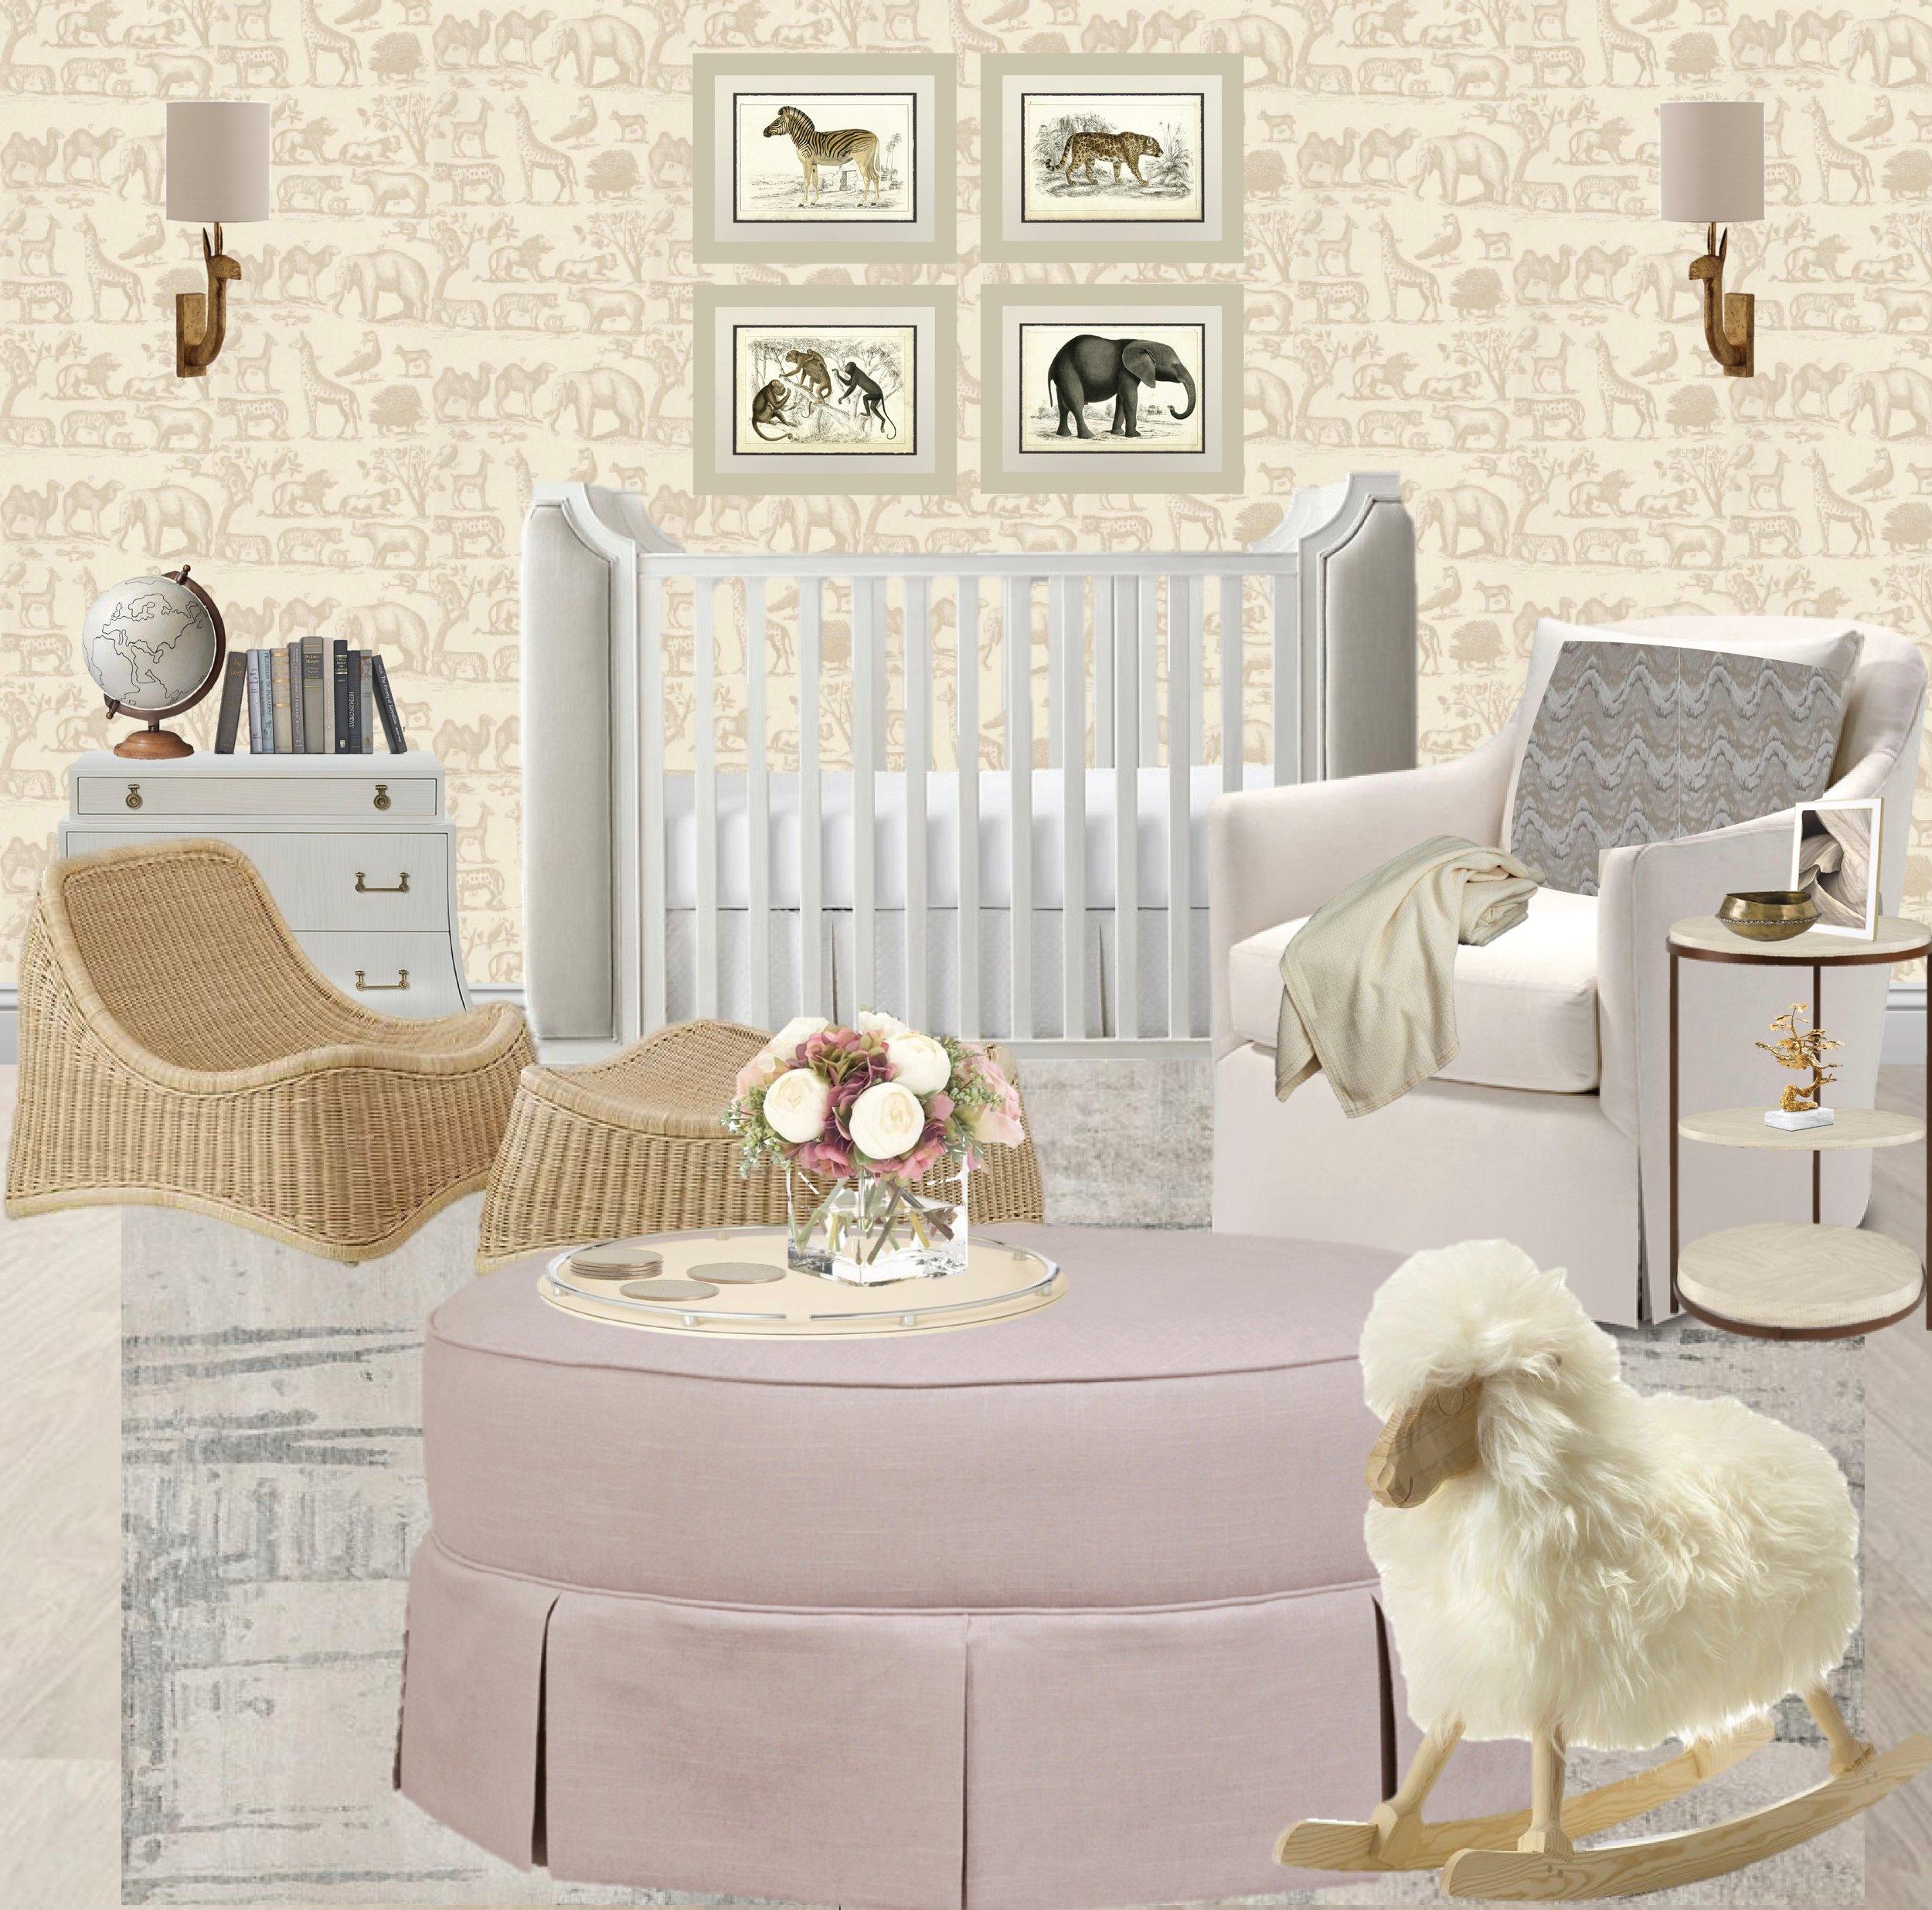 Baby girl nursery by Synonymous - synonymouss.com   Safari   Nursery Ideas   rattan chair   Home ideas   child bedroom